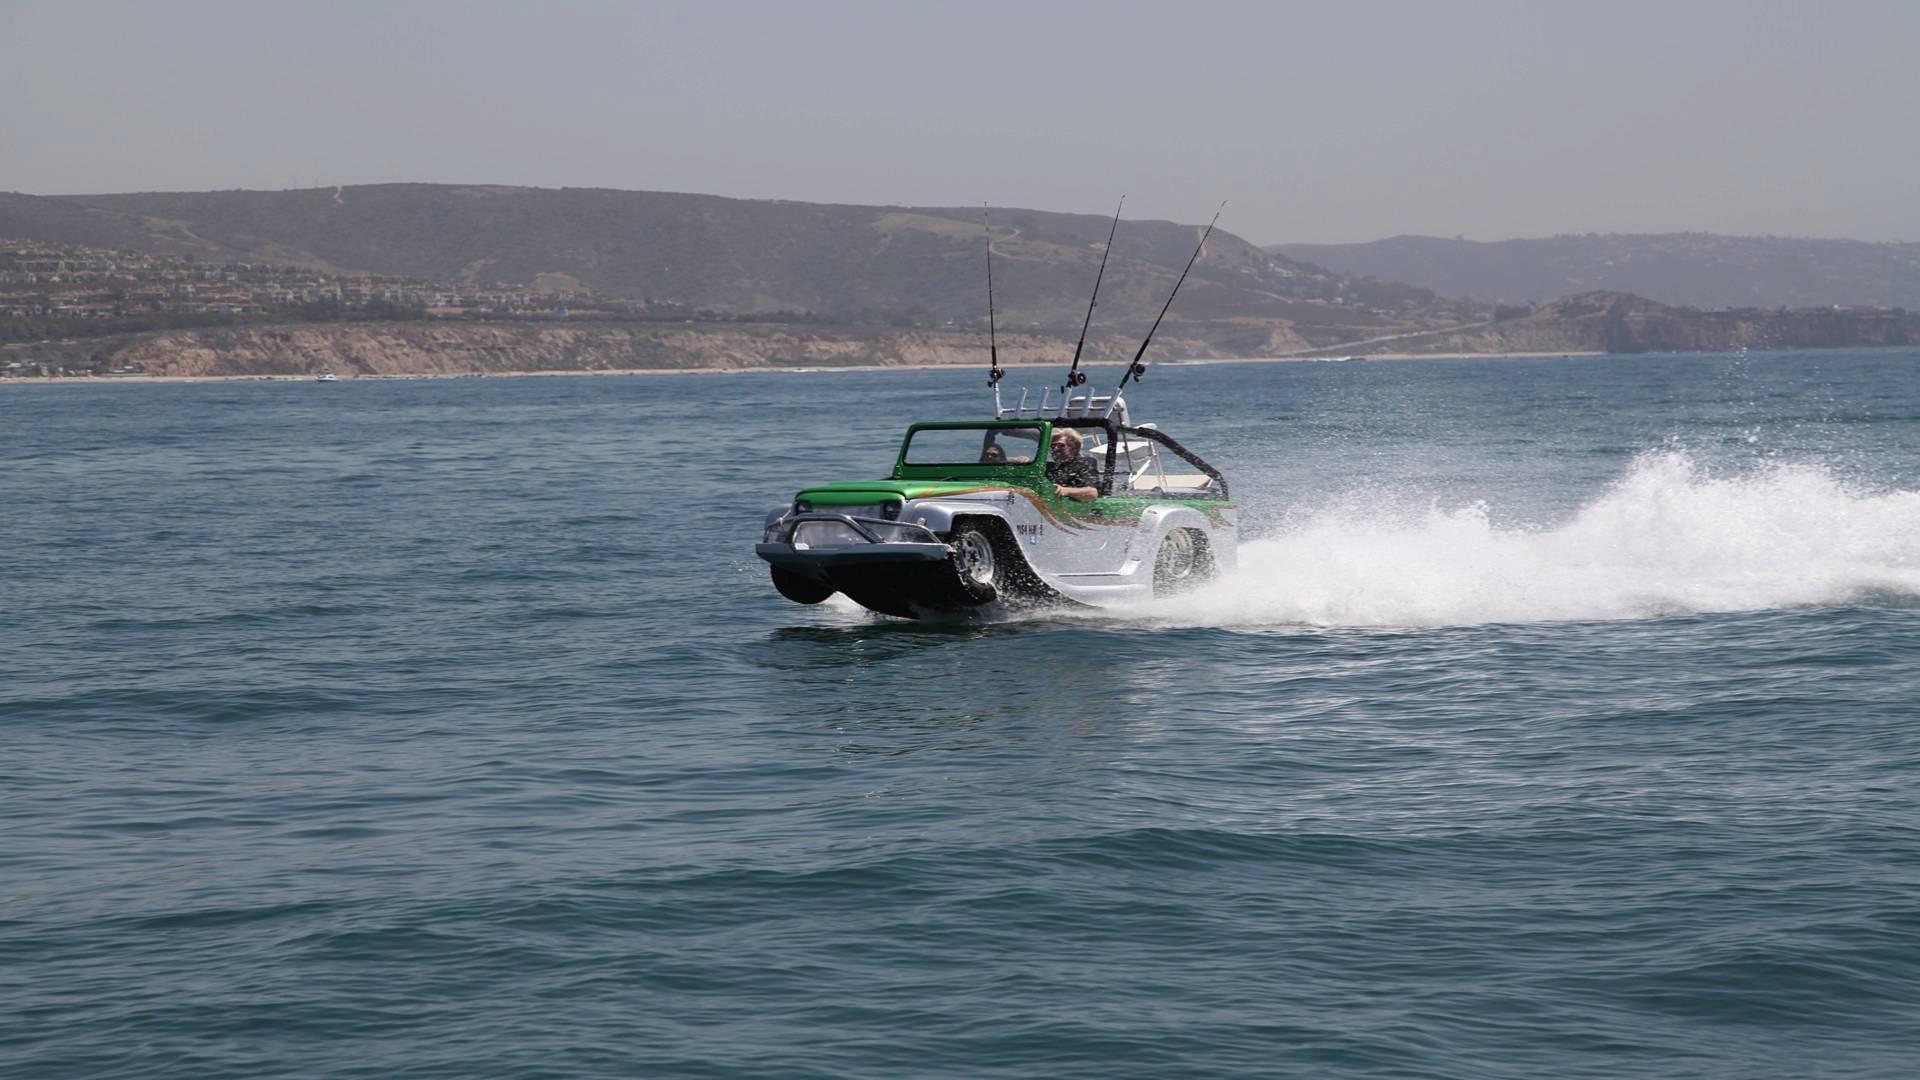 طراحی خودرویی برای حرکت در جاده و دریا + عکس